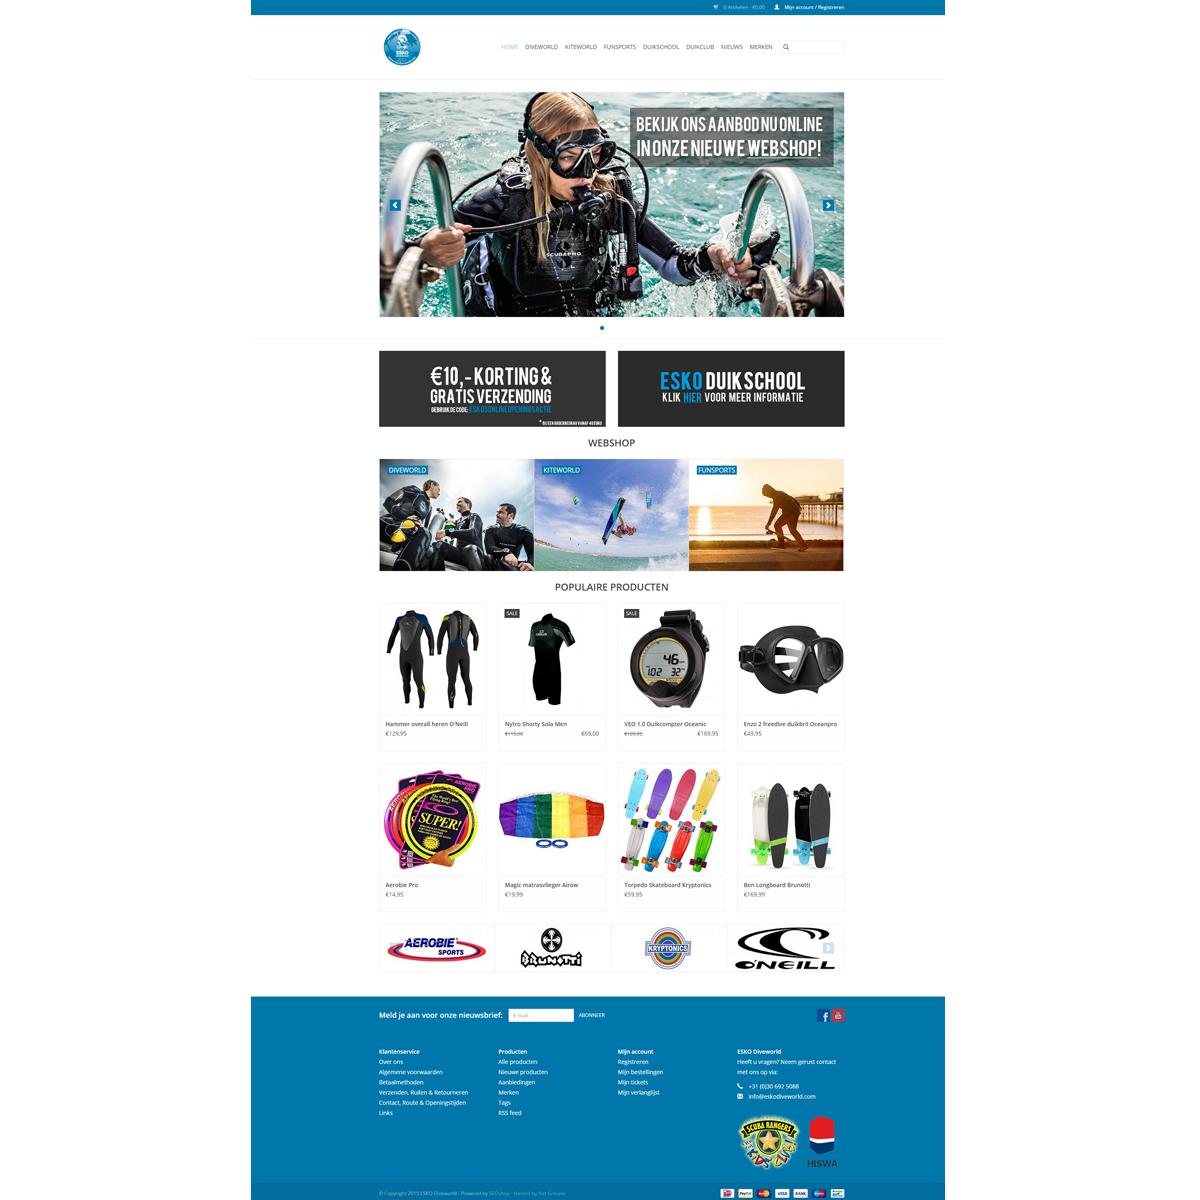 webshop-ESKO-Diveworld.png